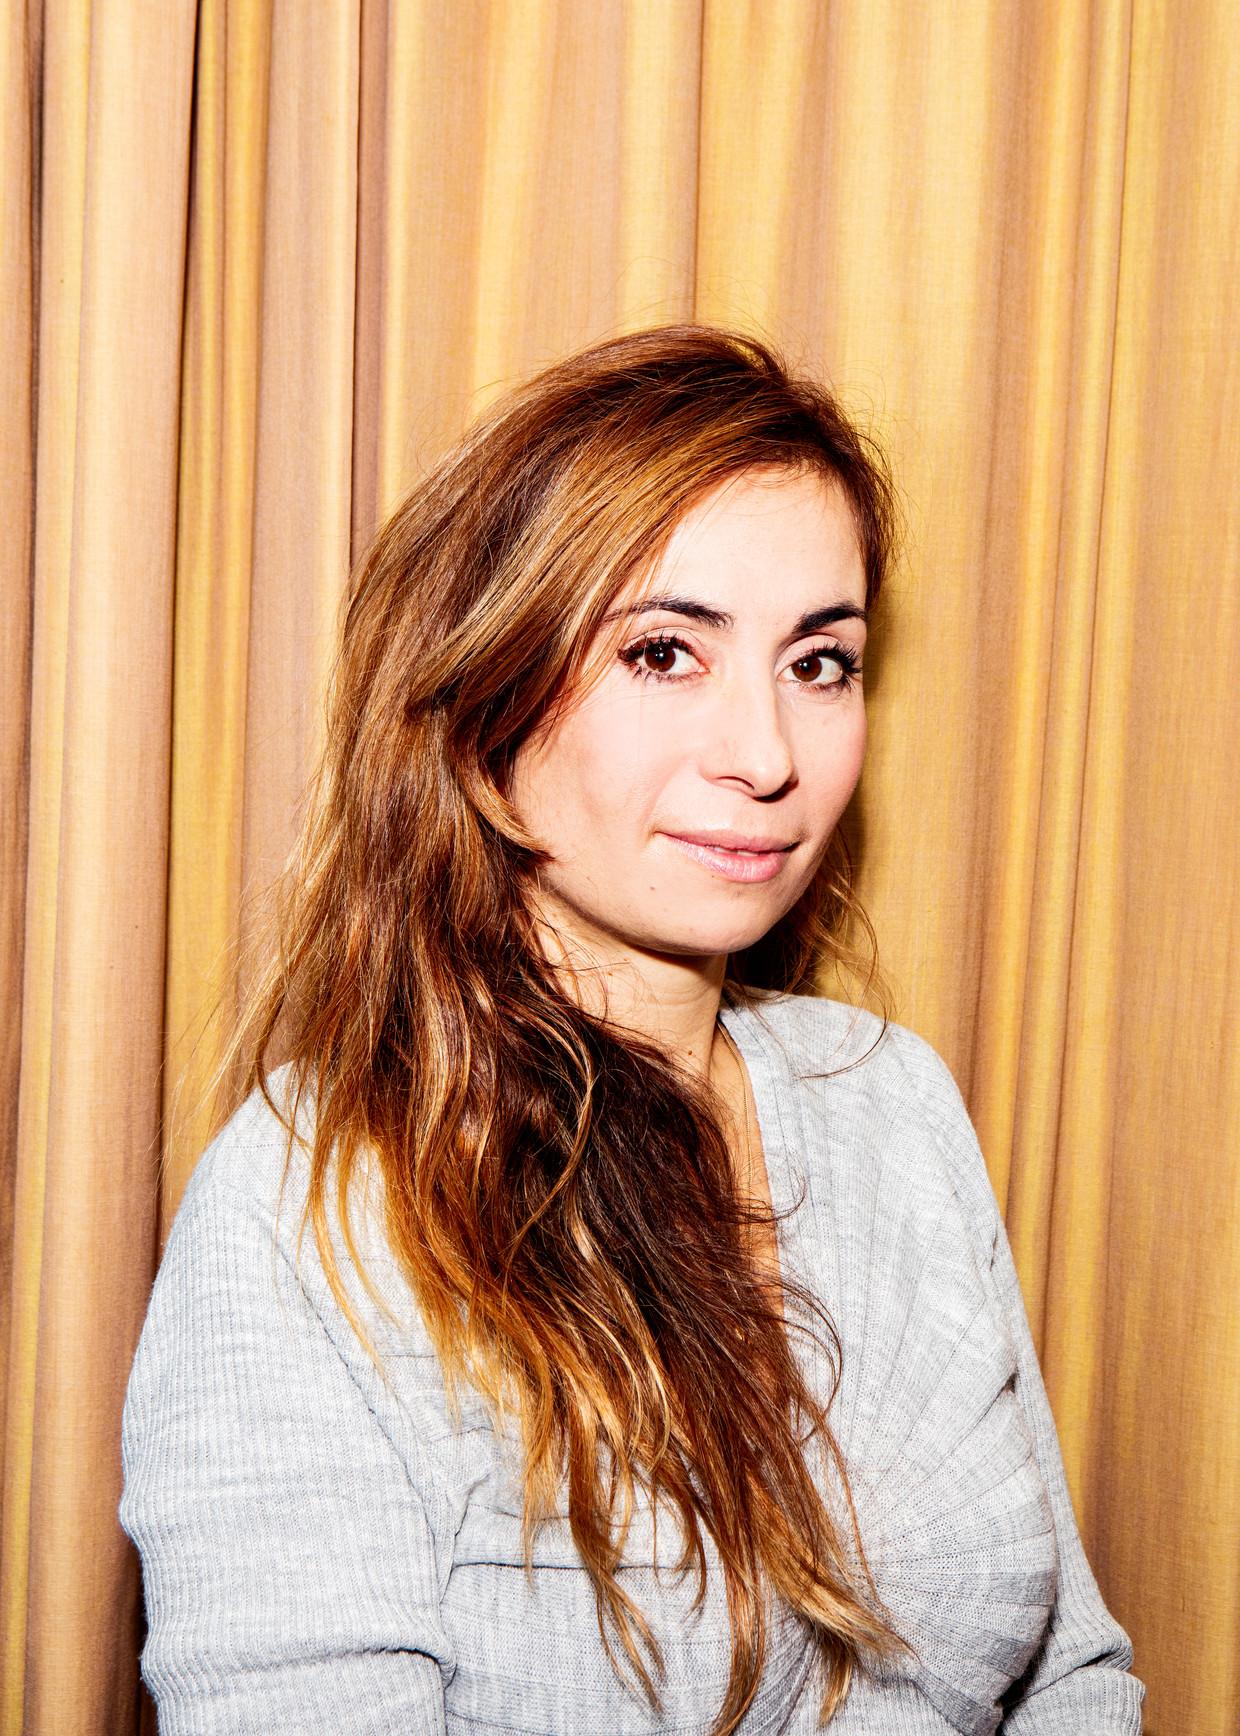 Yula Altchouler, programmamaker en researcher voor radio en tv. Amsterdam, 28/11/2020. Beeld Hilde Harshagen